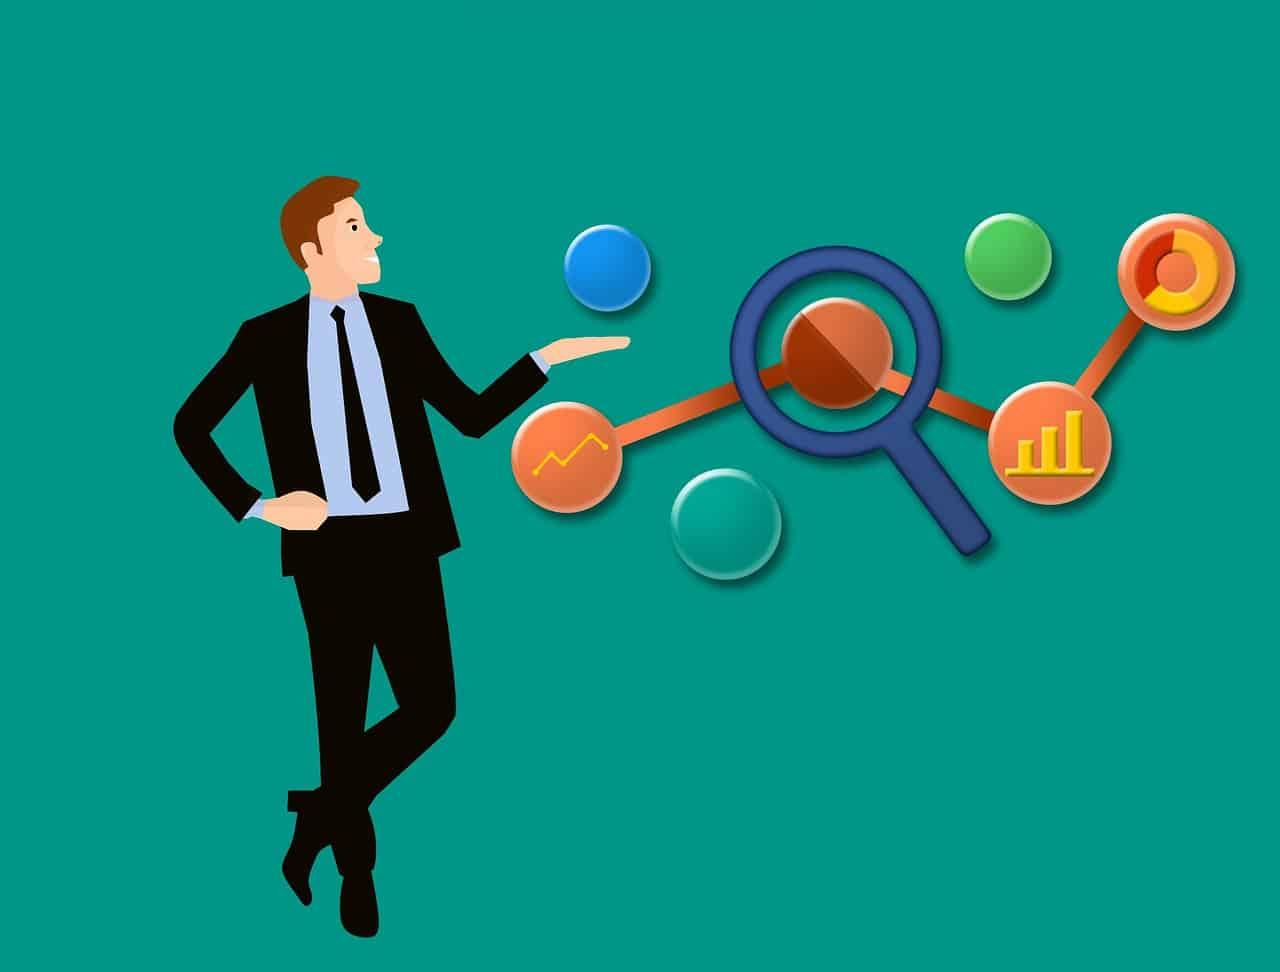 הדרך להצלחה בקידום